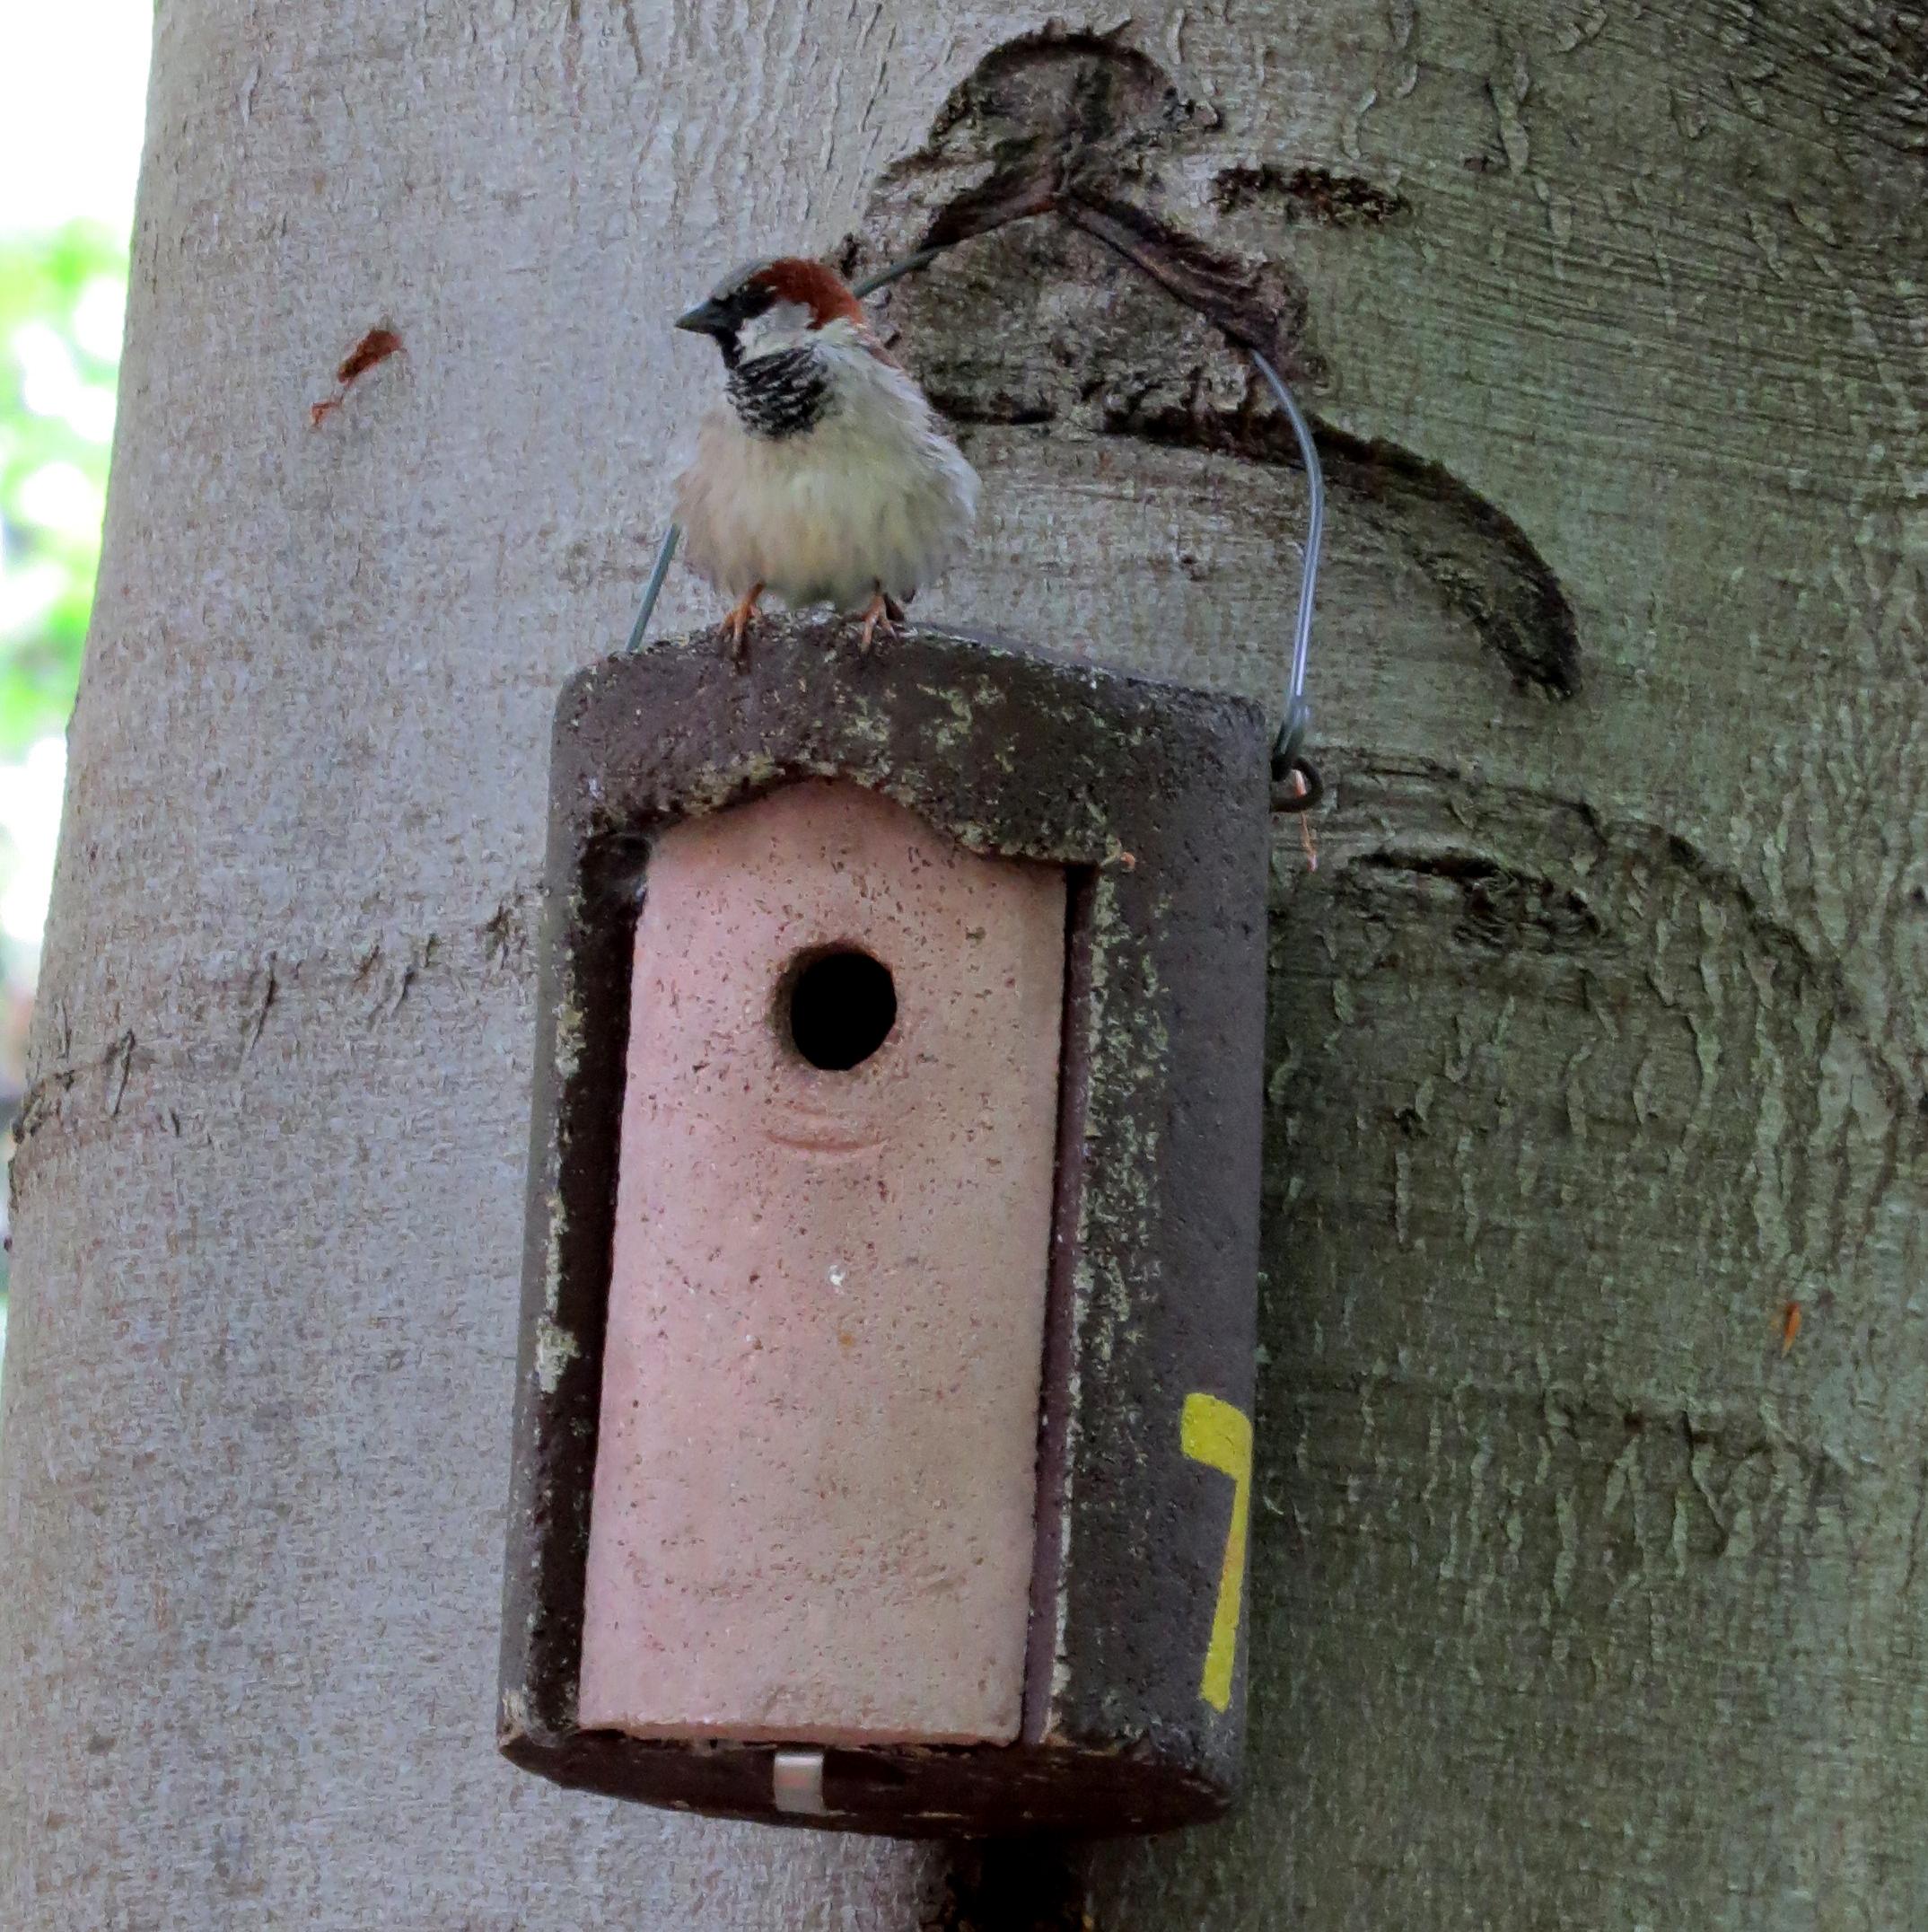 House sparrow birds in berlin for Sparrow birdhouse plans